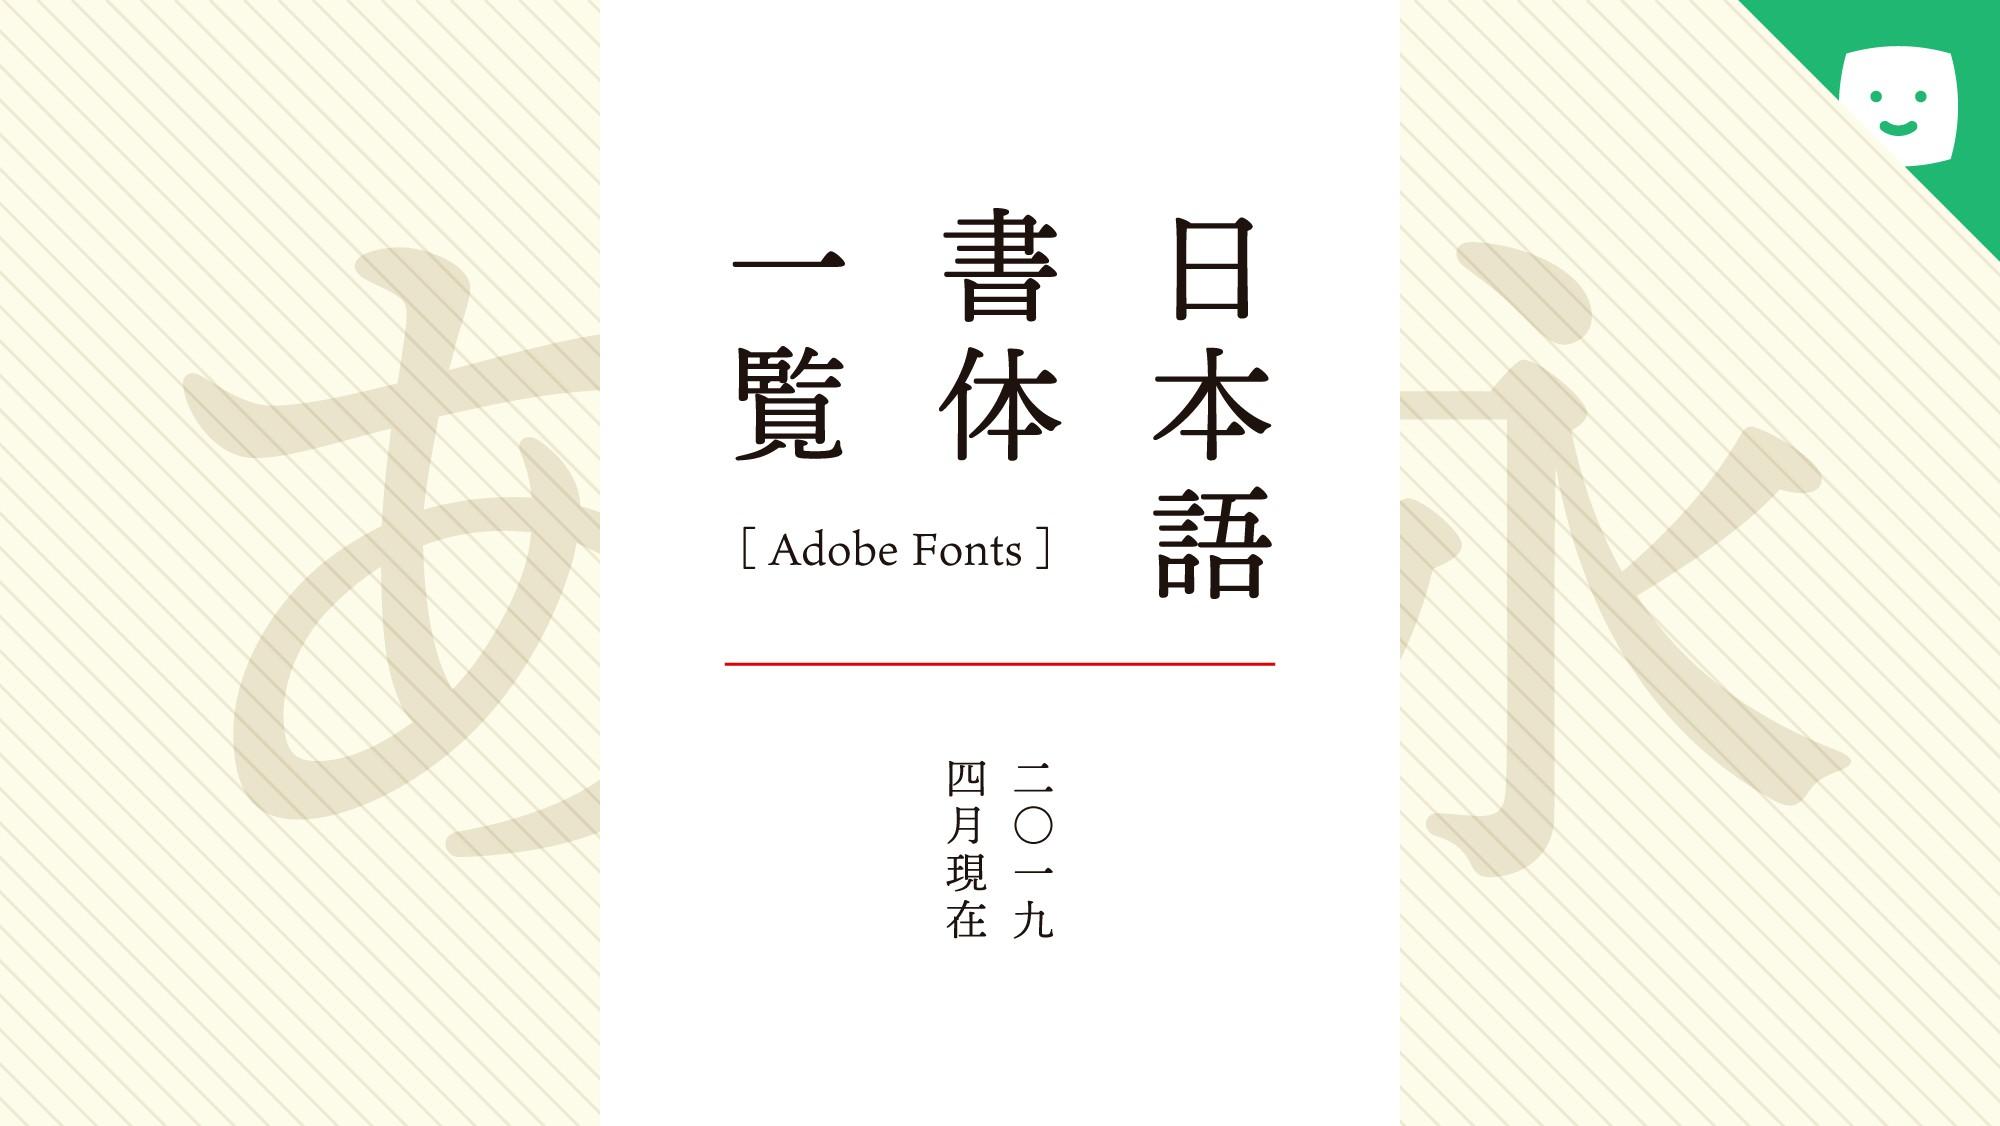 Adobe Fonts -アドビフォント- 日本語書体一覧 [2019年4月版]